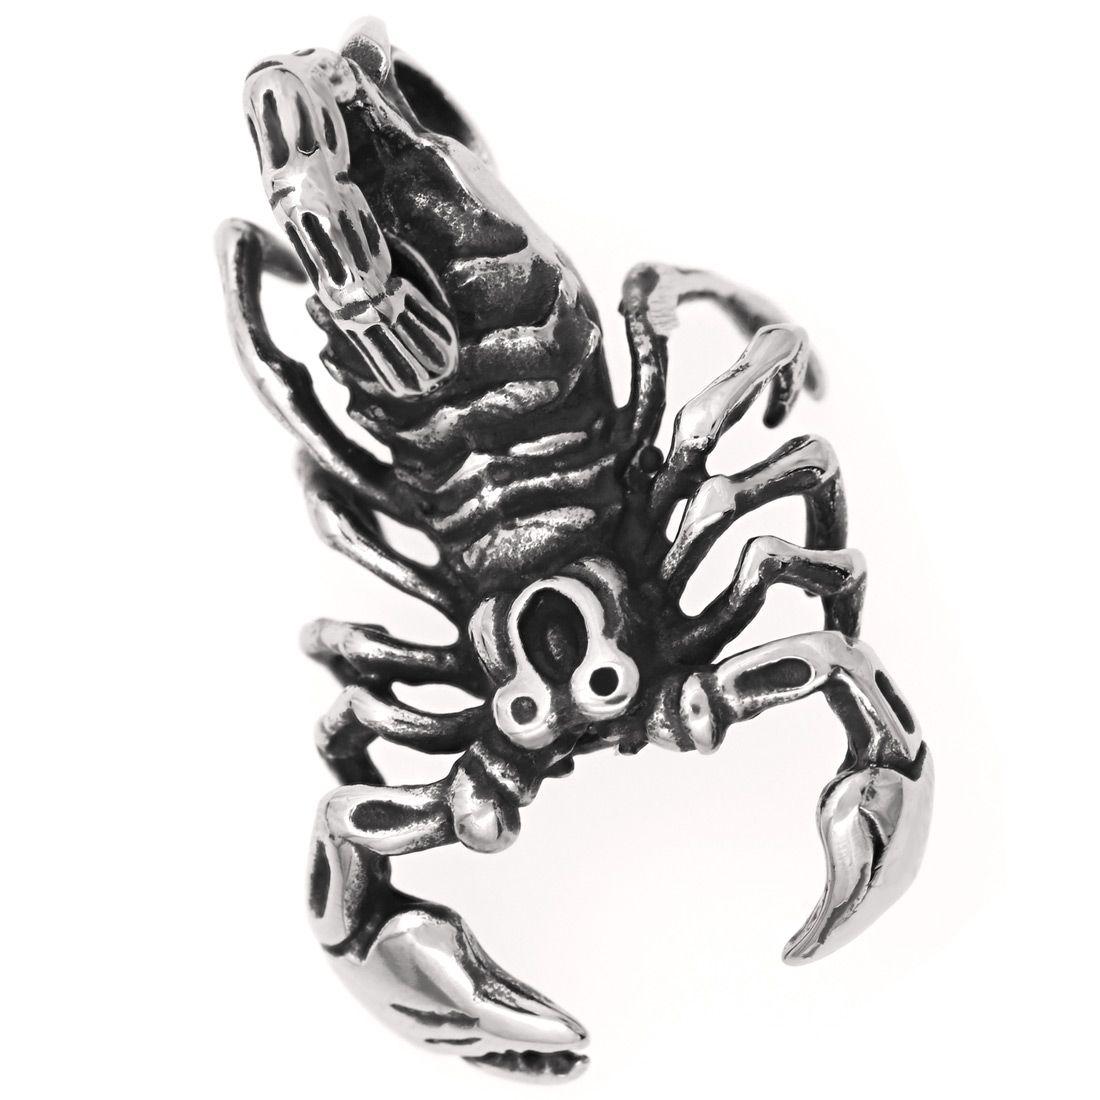 anh nger halskette skorpion biker edelstahl gothic punk sternzeichen kugelkette ebay. Black Bedroom Furniture Sets. Home Design Ideas